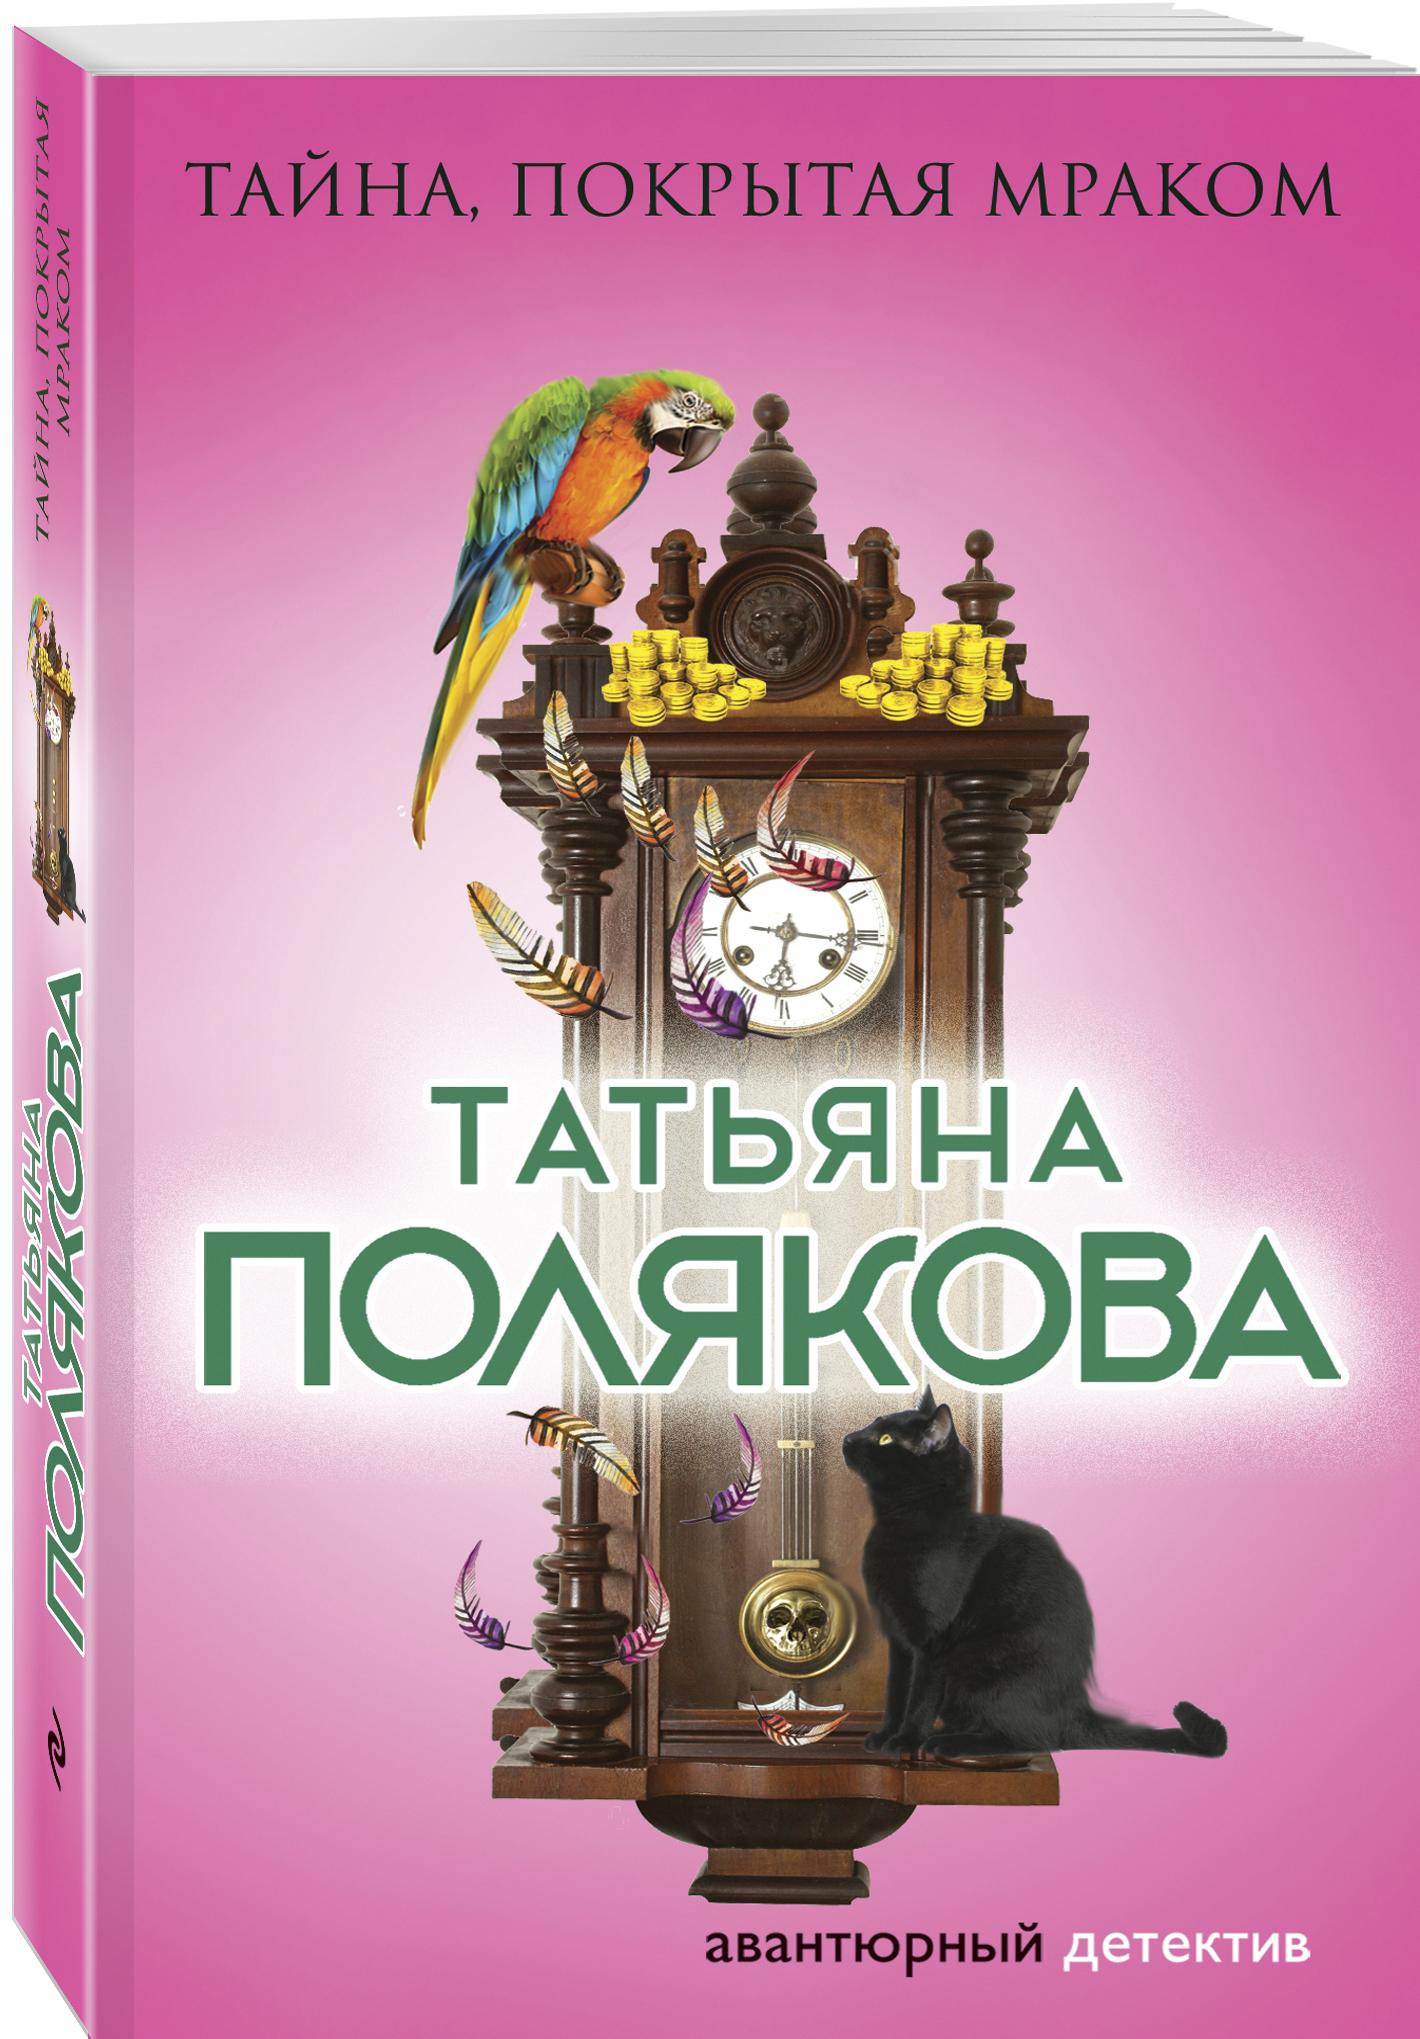 Татьяна Полякова Тайна, покрытая мраком